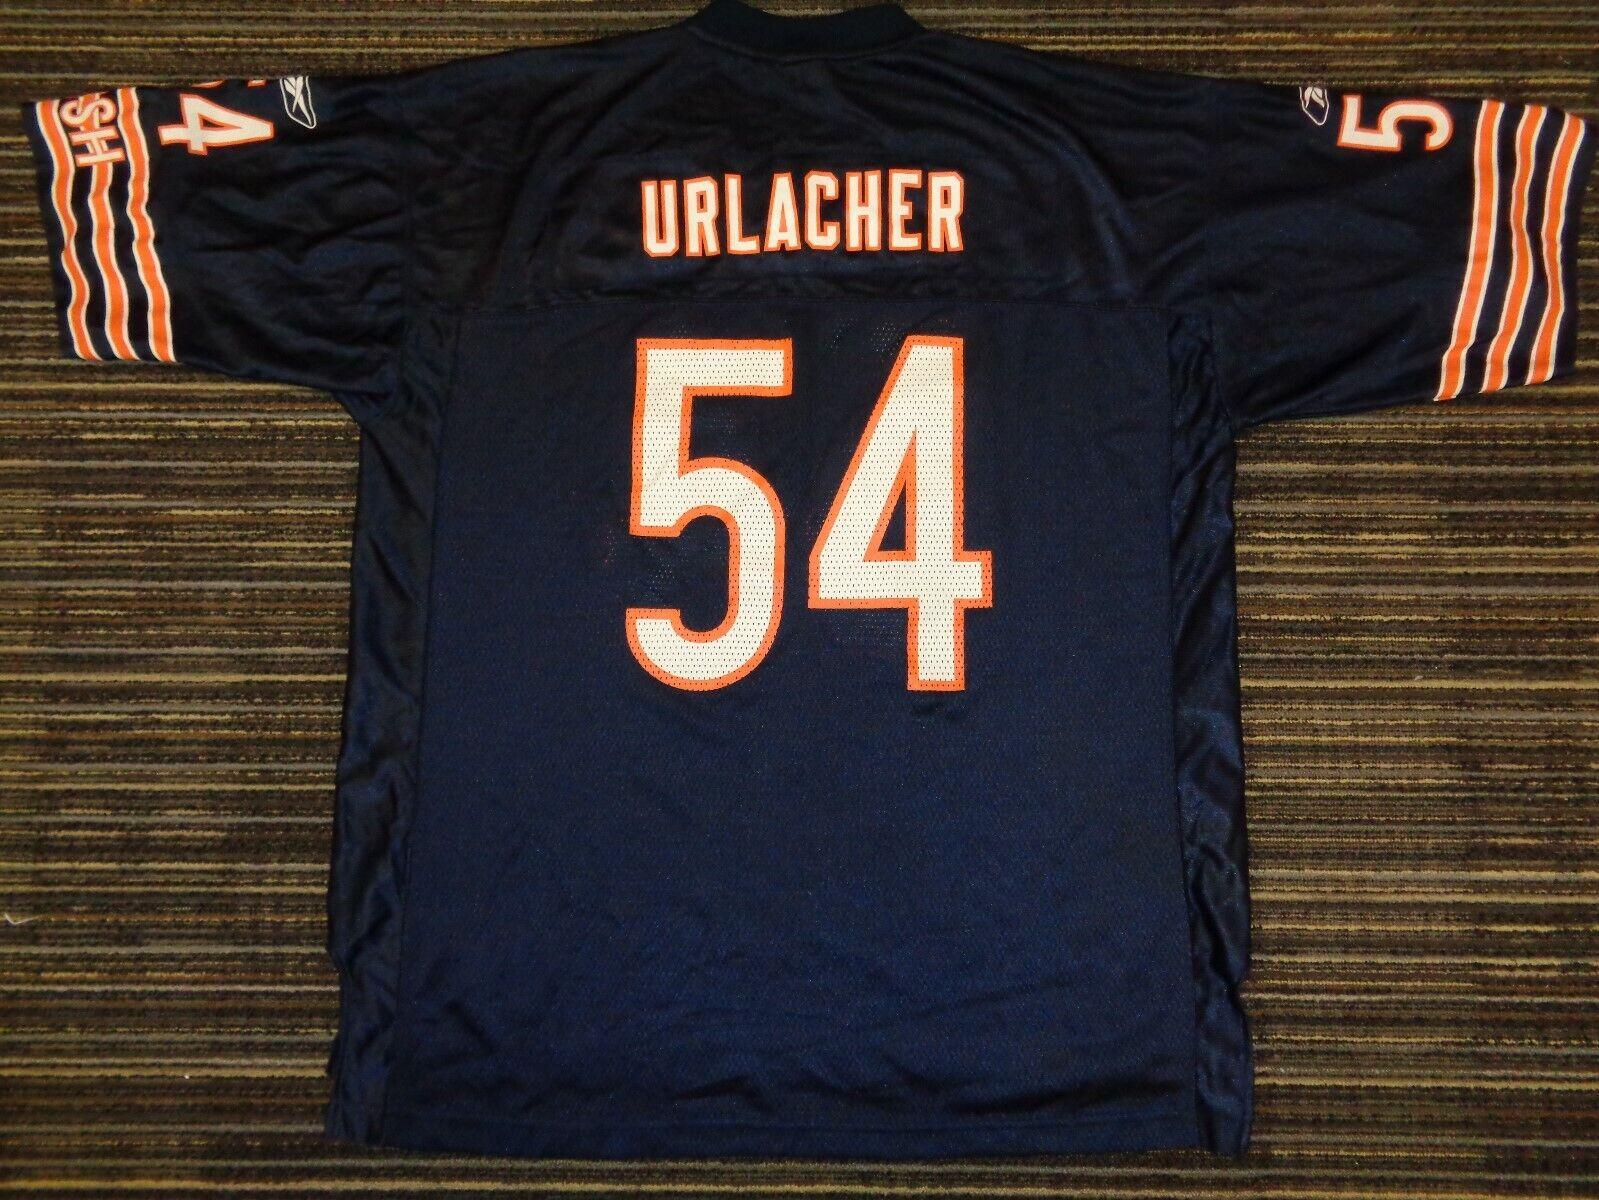 BRIAN URLACHER 54 CHICAGO BEARS GSH REEBOK MENS NFL GAME FOOTBALL JERSEY XLG - $29.99